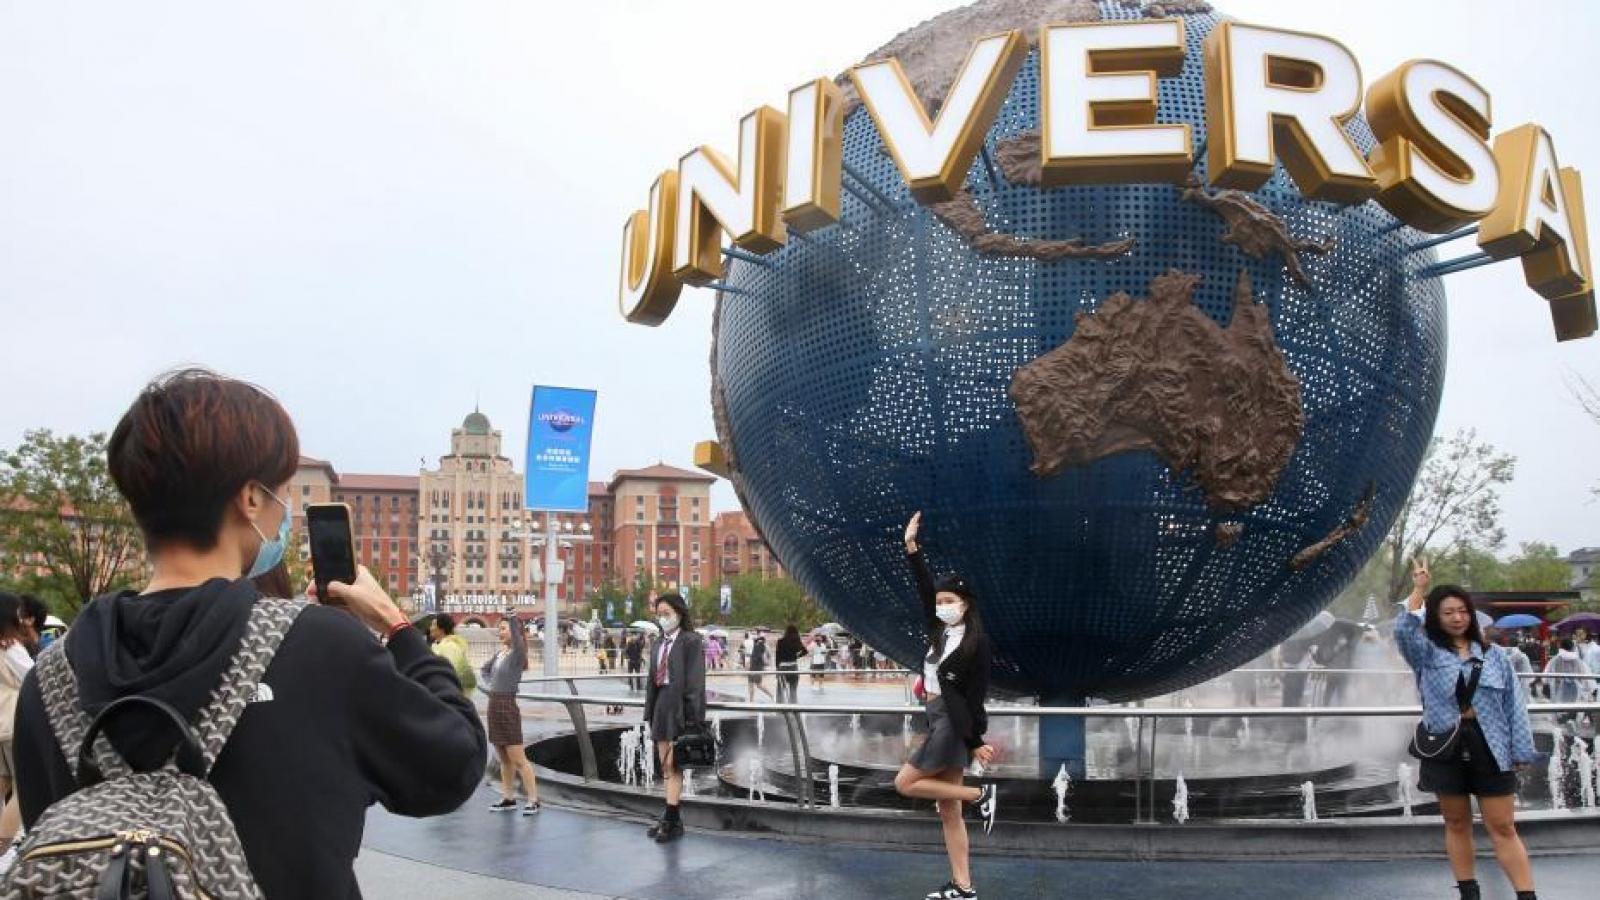 Siêu công viên giải trí Universal Studios lớn nhất thế giới khai trương tại Bắc Kinh